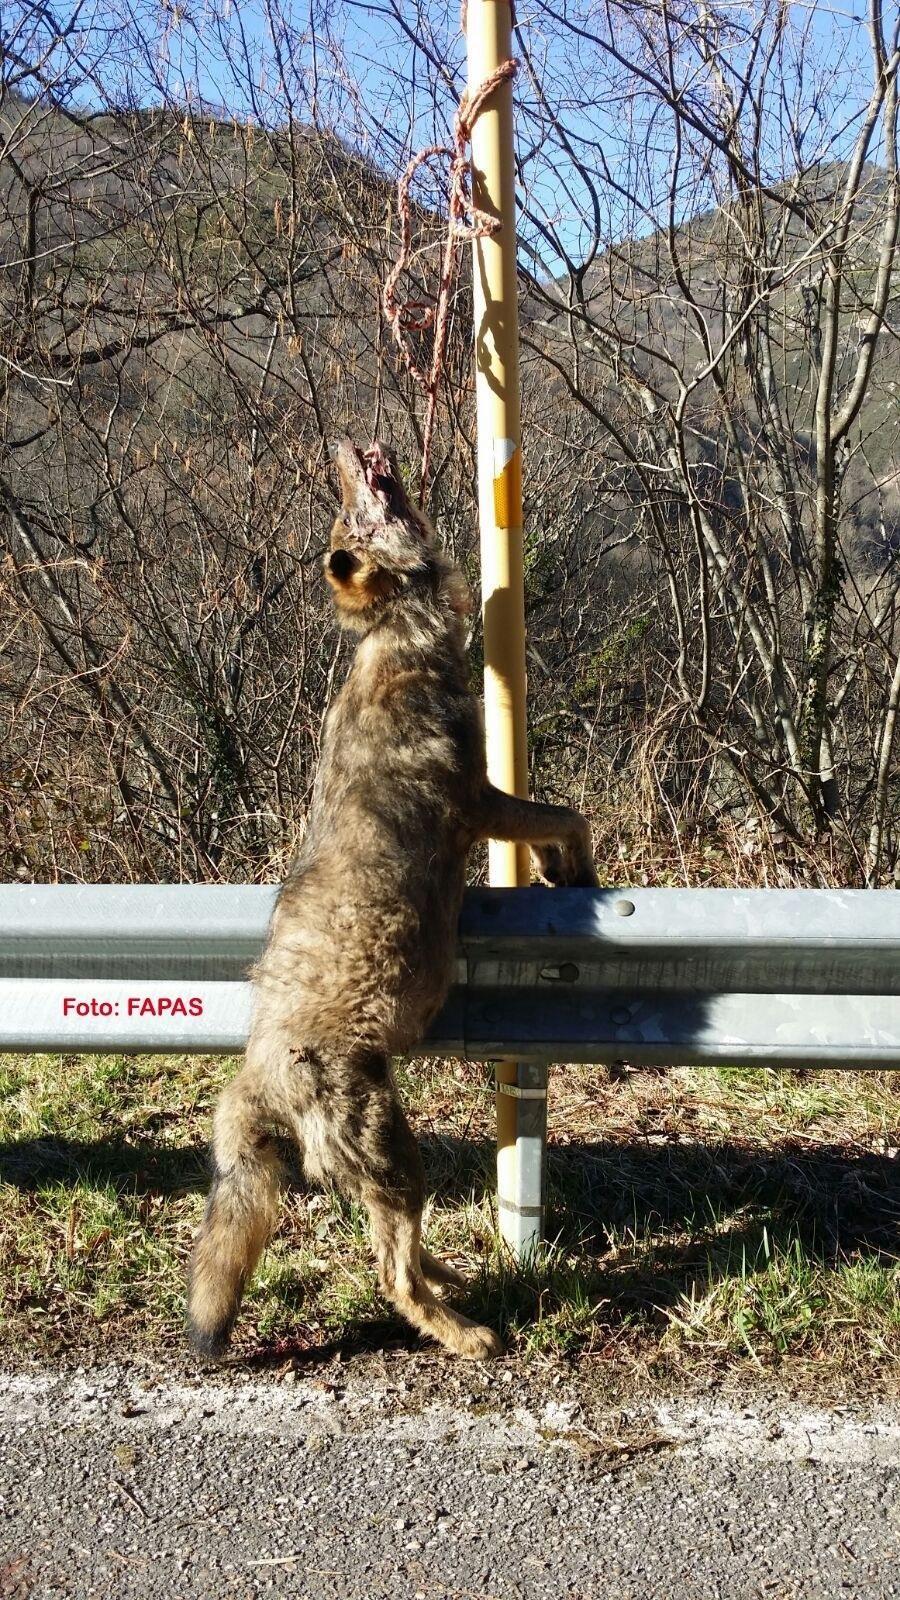 La Fiscalía investiga el hallazgo de 6 lobos muertos en Asturias